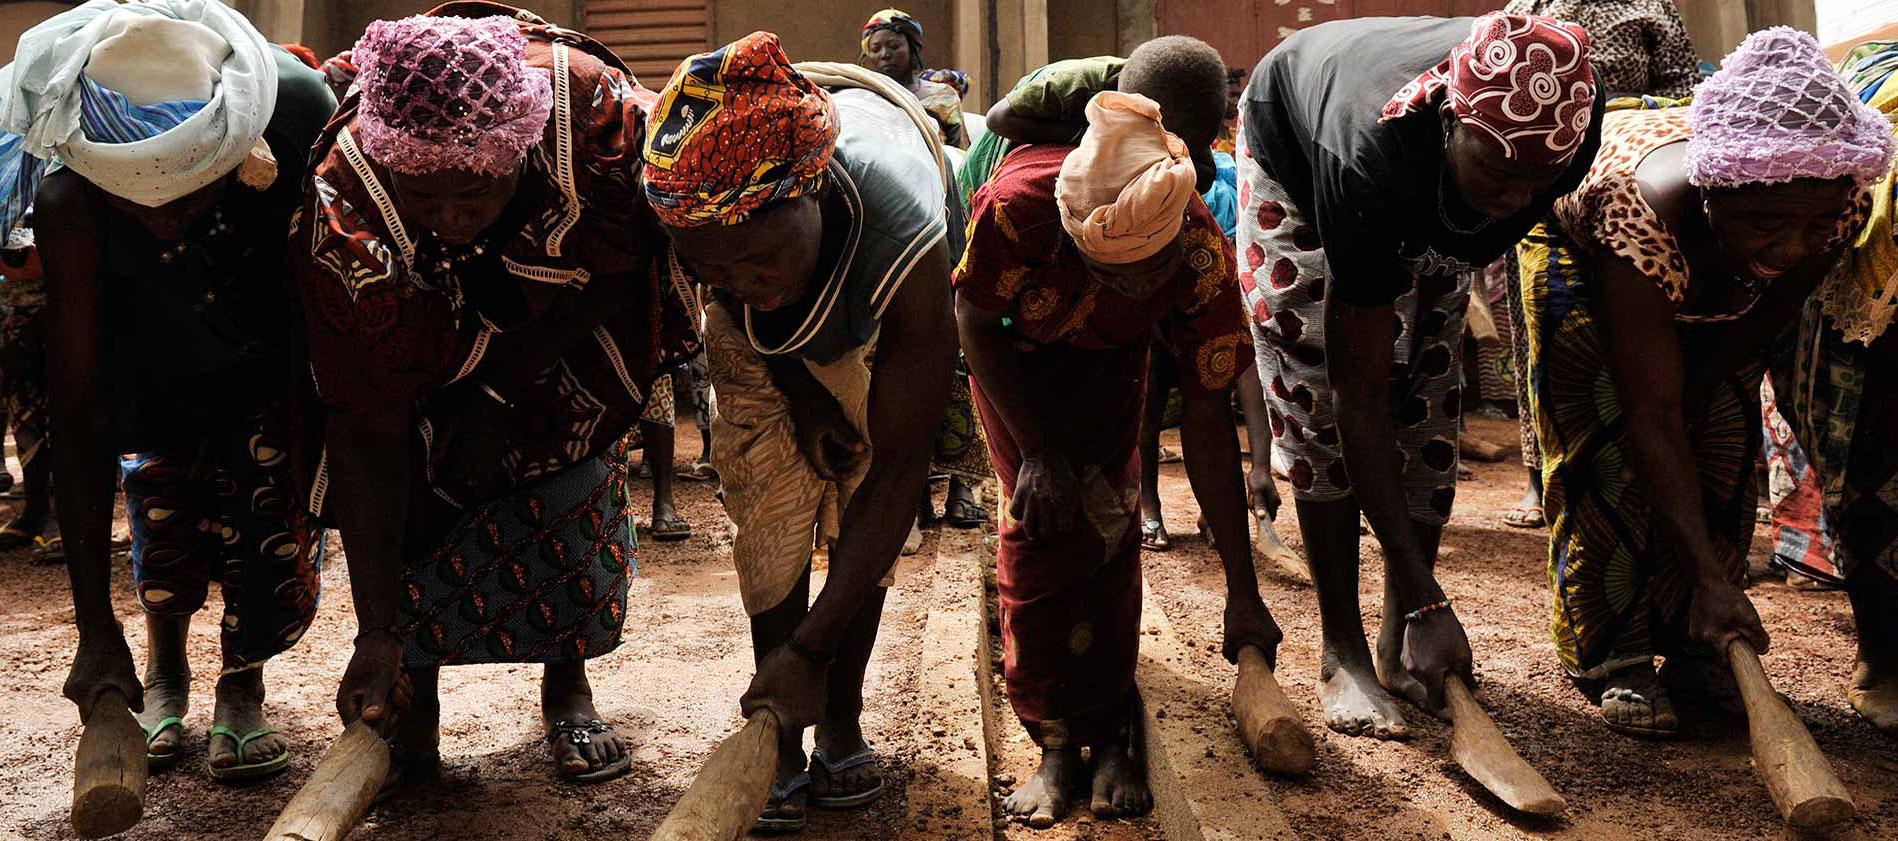 Mujeres trabajando. Viviendas para profesores en Gando por Kéré Architecture. Fotografía por Erik Jan Ouwerkerk